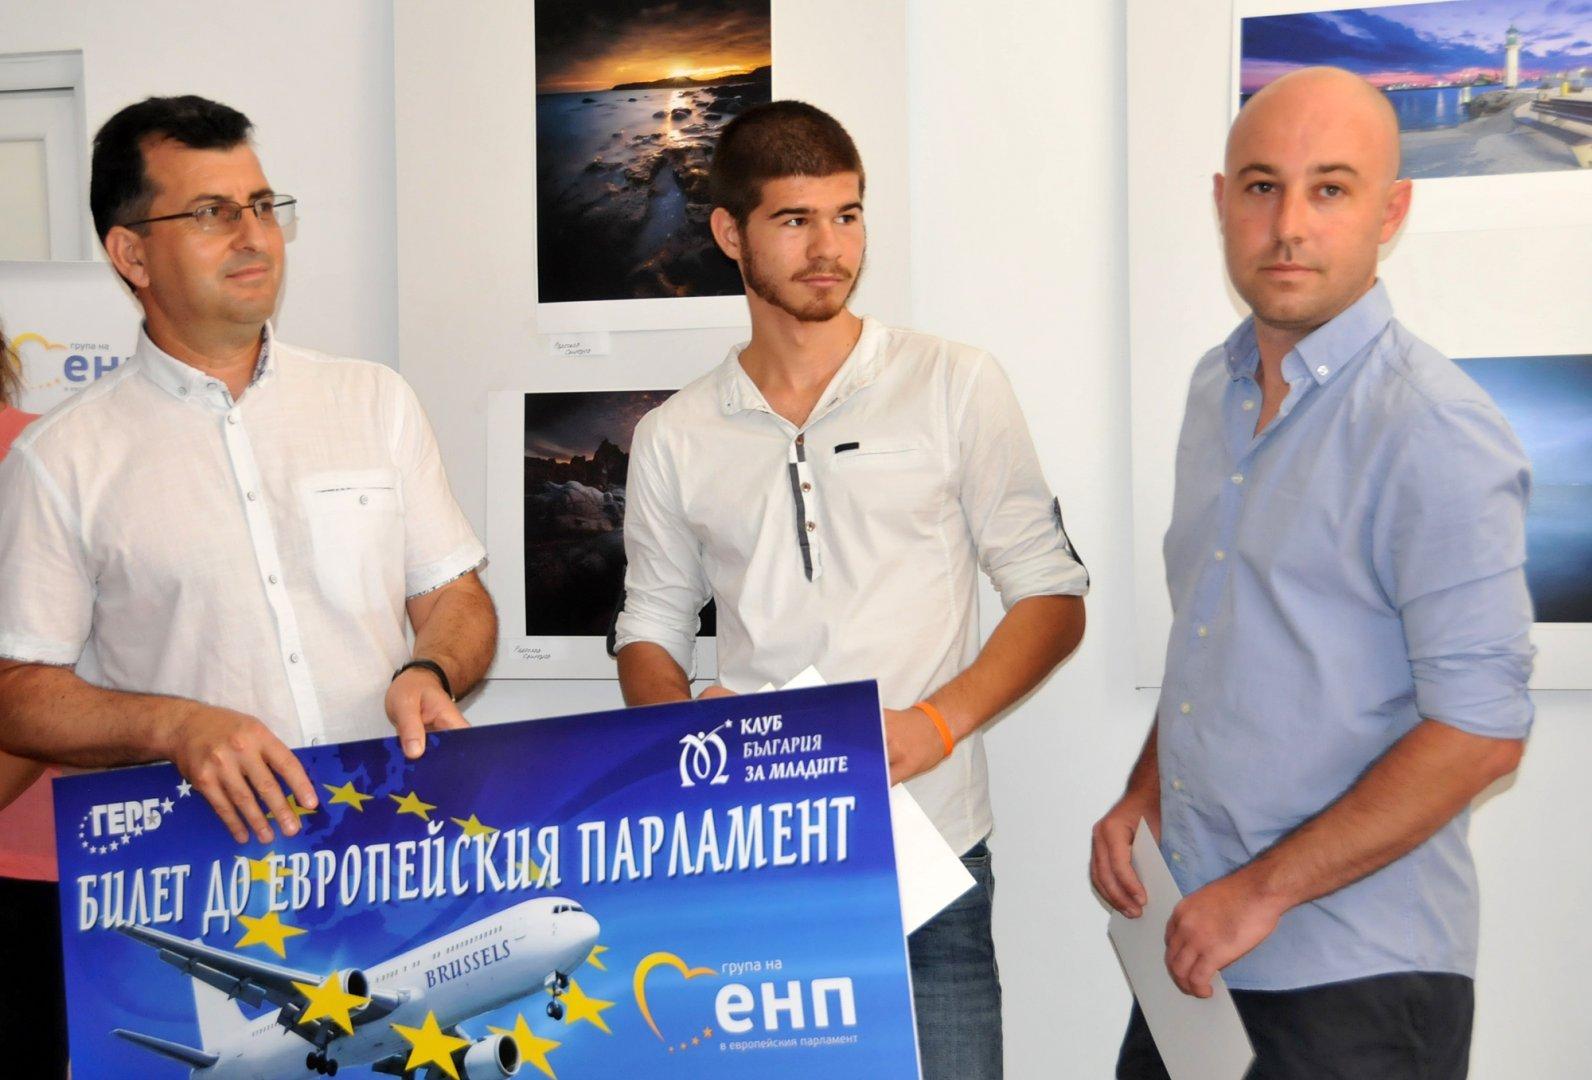 Това е поредната инициатива на евродепутатът Асим Адемов (вляво). Снимка Архив Черноморие-бг